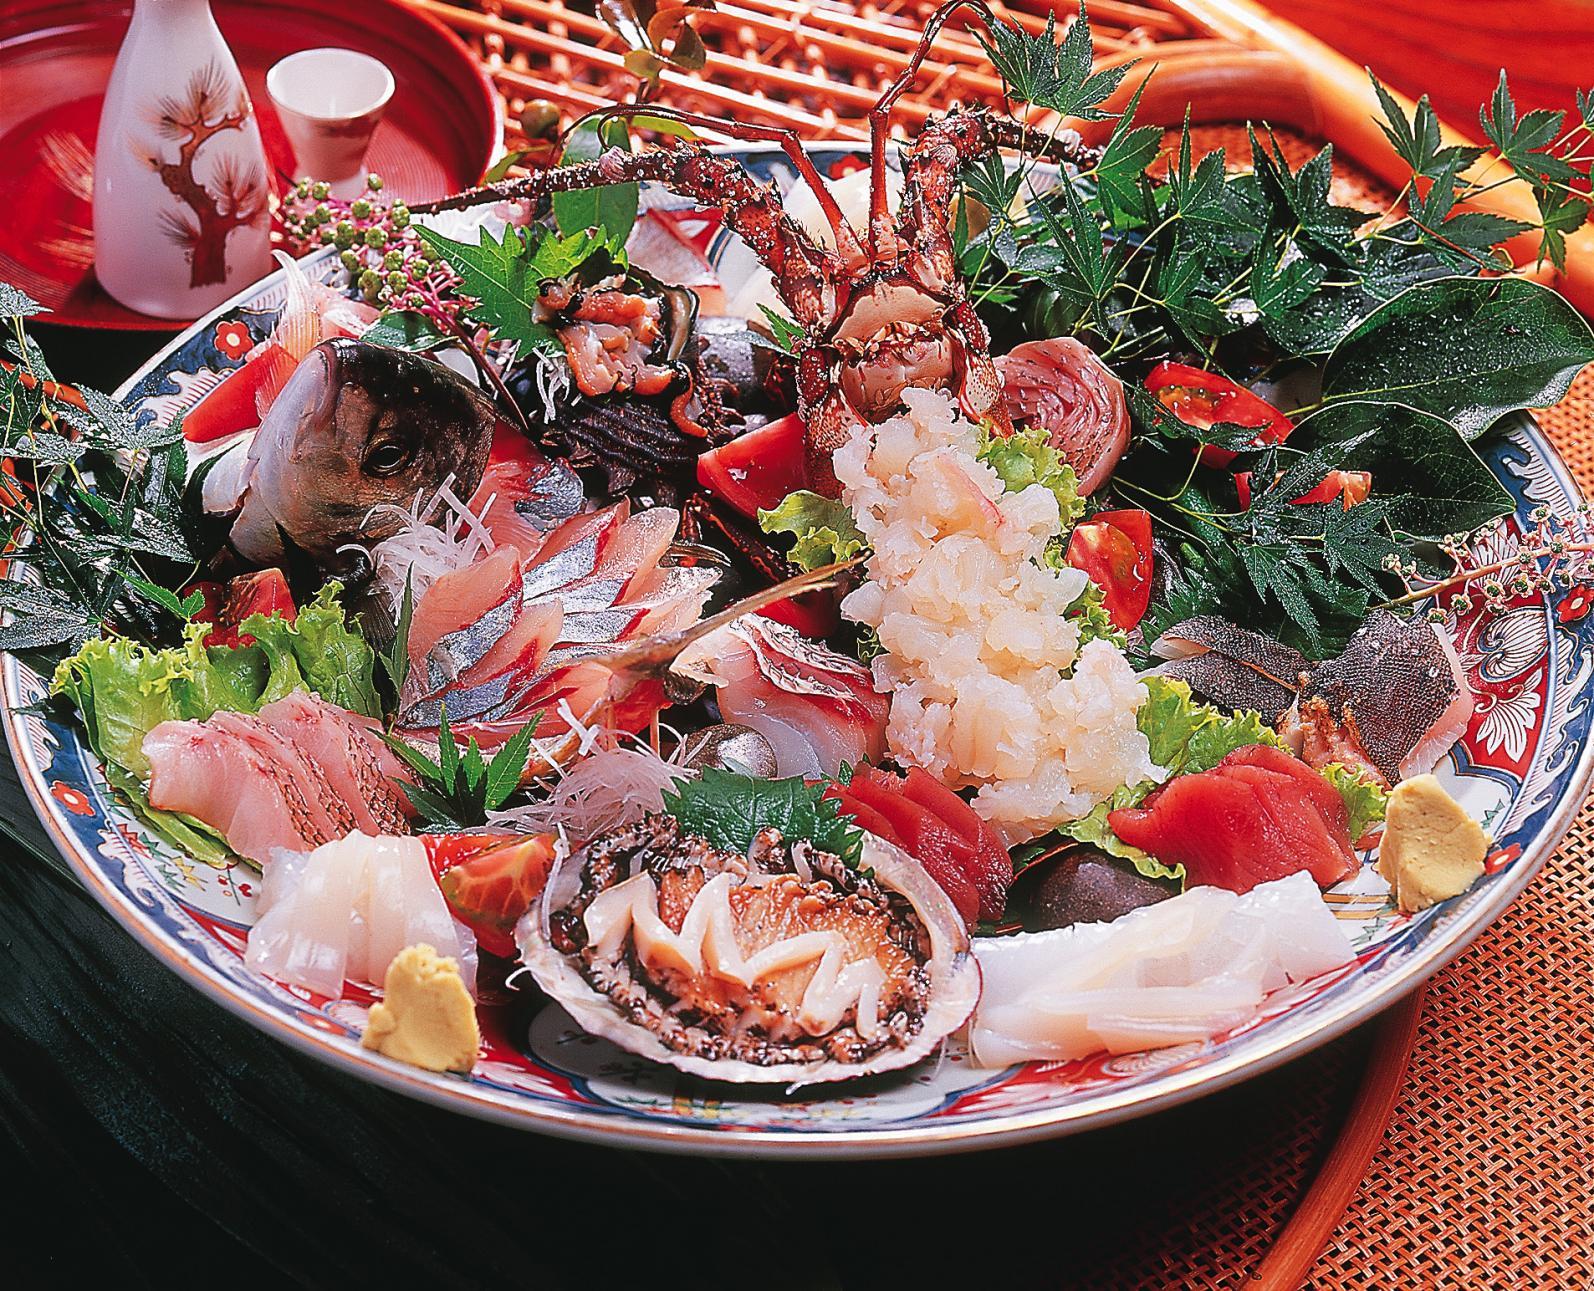 必食!お魚王国で味わう極上の魚介類-3